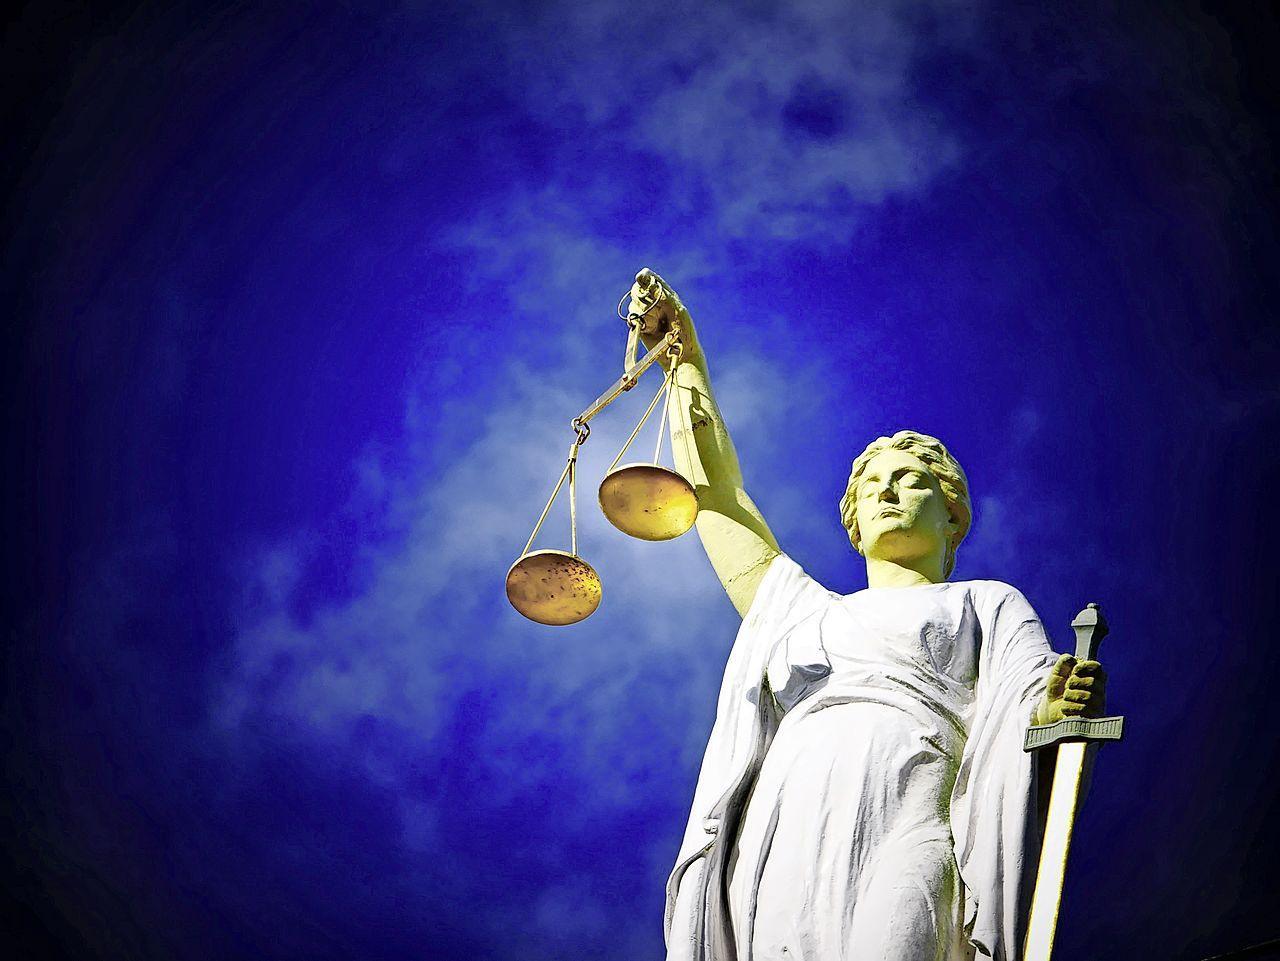 Ali G. uit Bussum kan beschuldigingen aan fruitimporteur niet hardmaken: verzoek tot getuigenverhoor ingetrokken